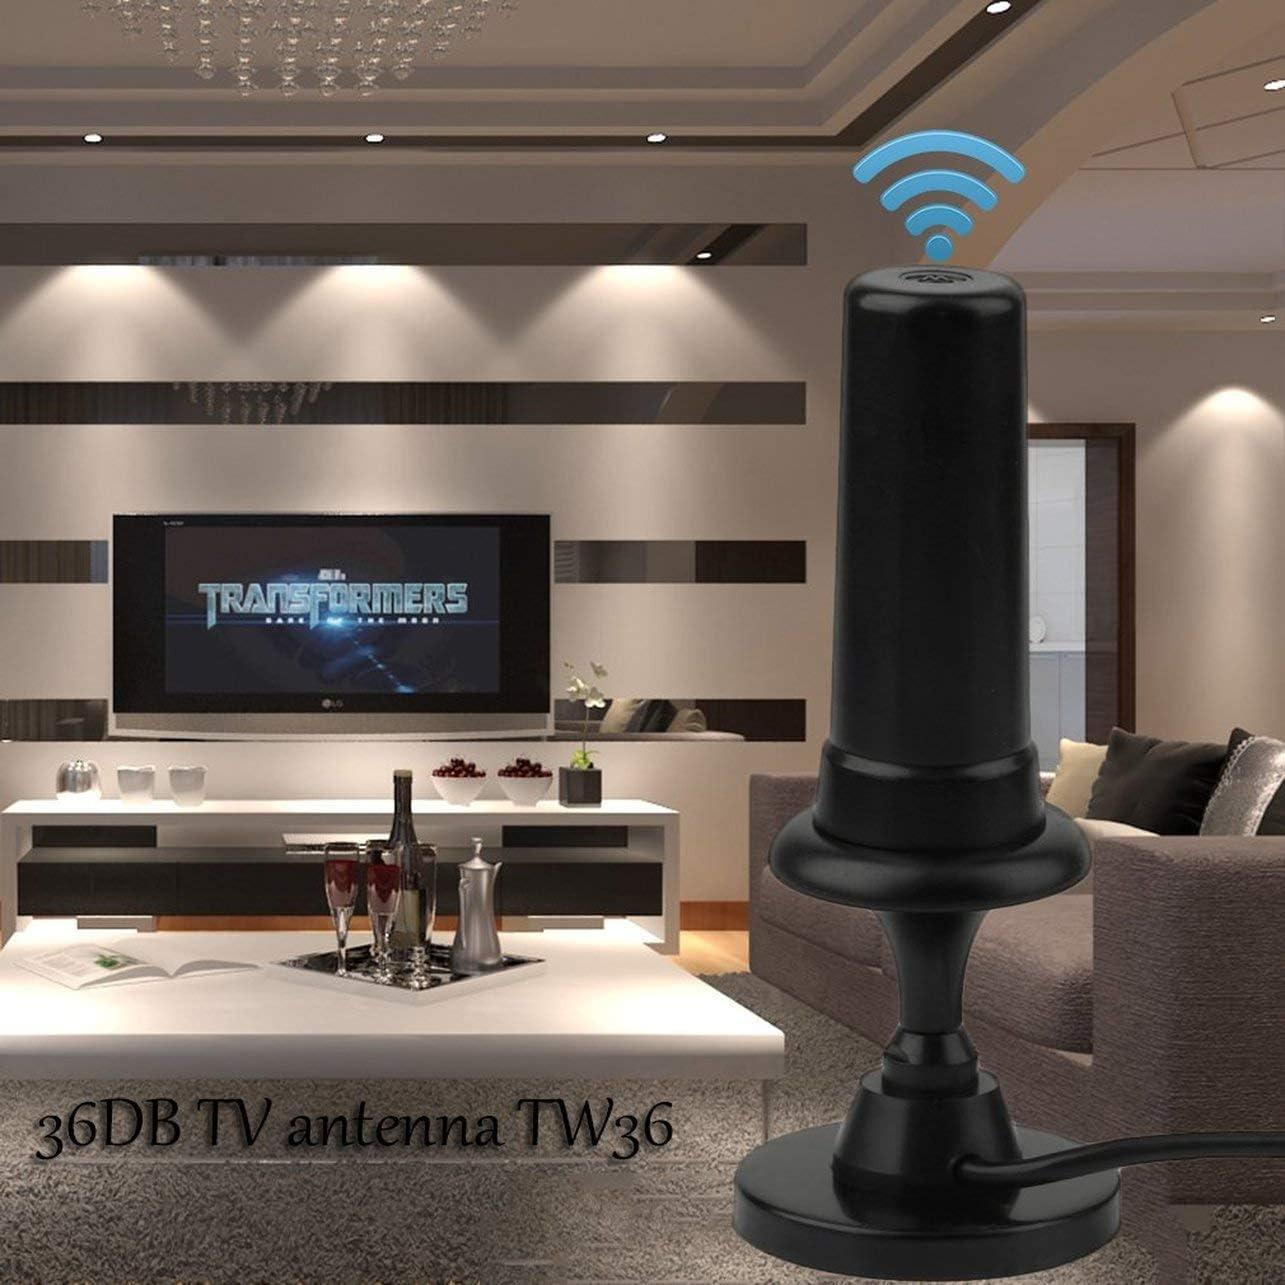 WOSOSYEYO WiFi Inalámbrico TDT Antena de TV Digital Antena 36dbi 36dB Amplificador de señal Antenas per Auto TW36 para el Ordenador portátil DVB-T DVB-T HDTV PC: Amazon.es: Electrónica